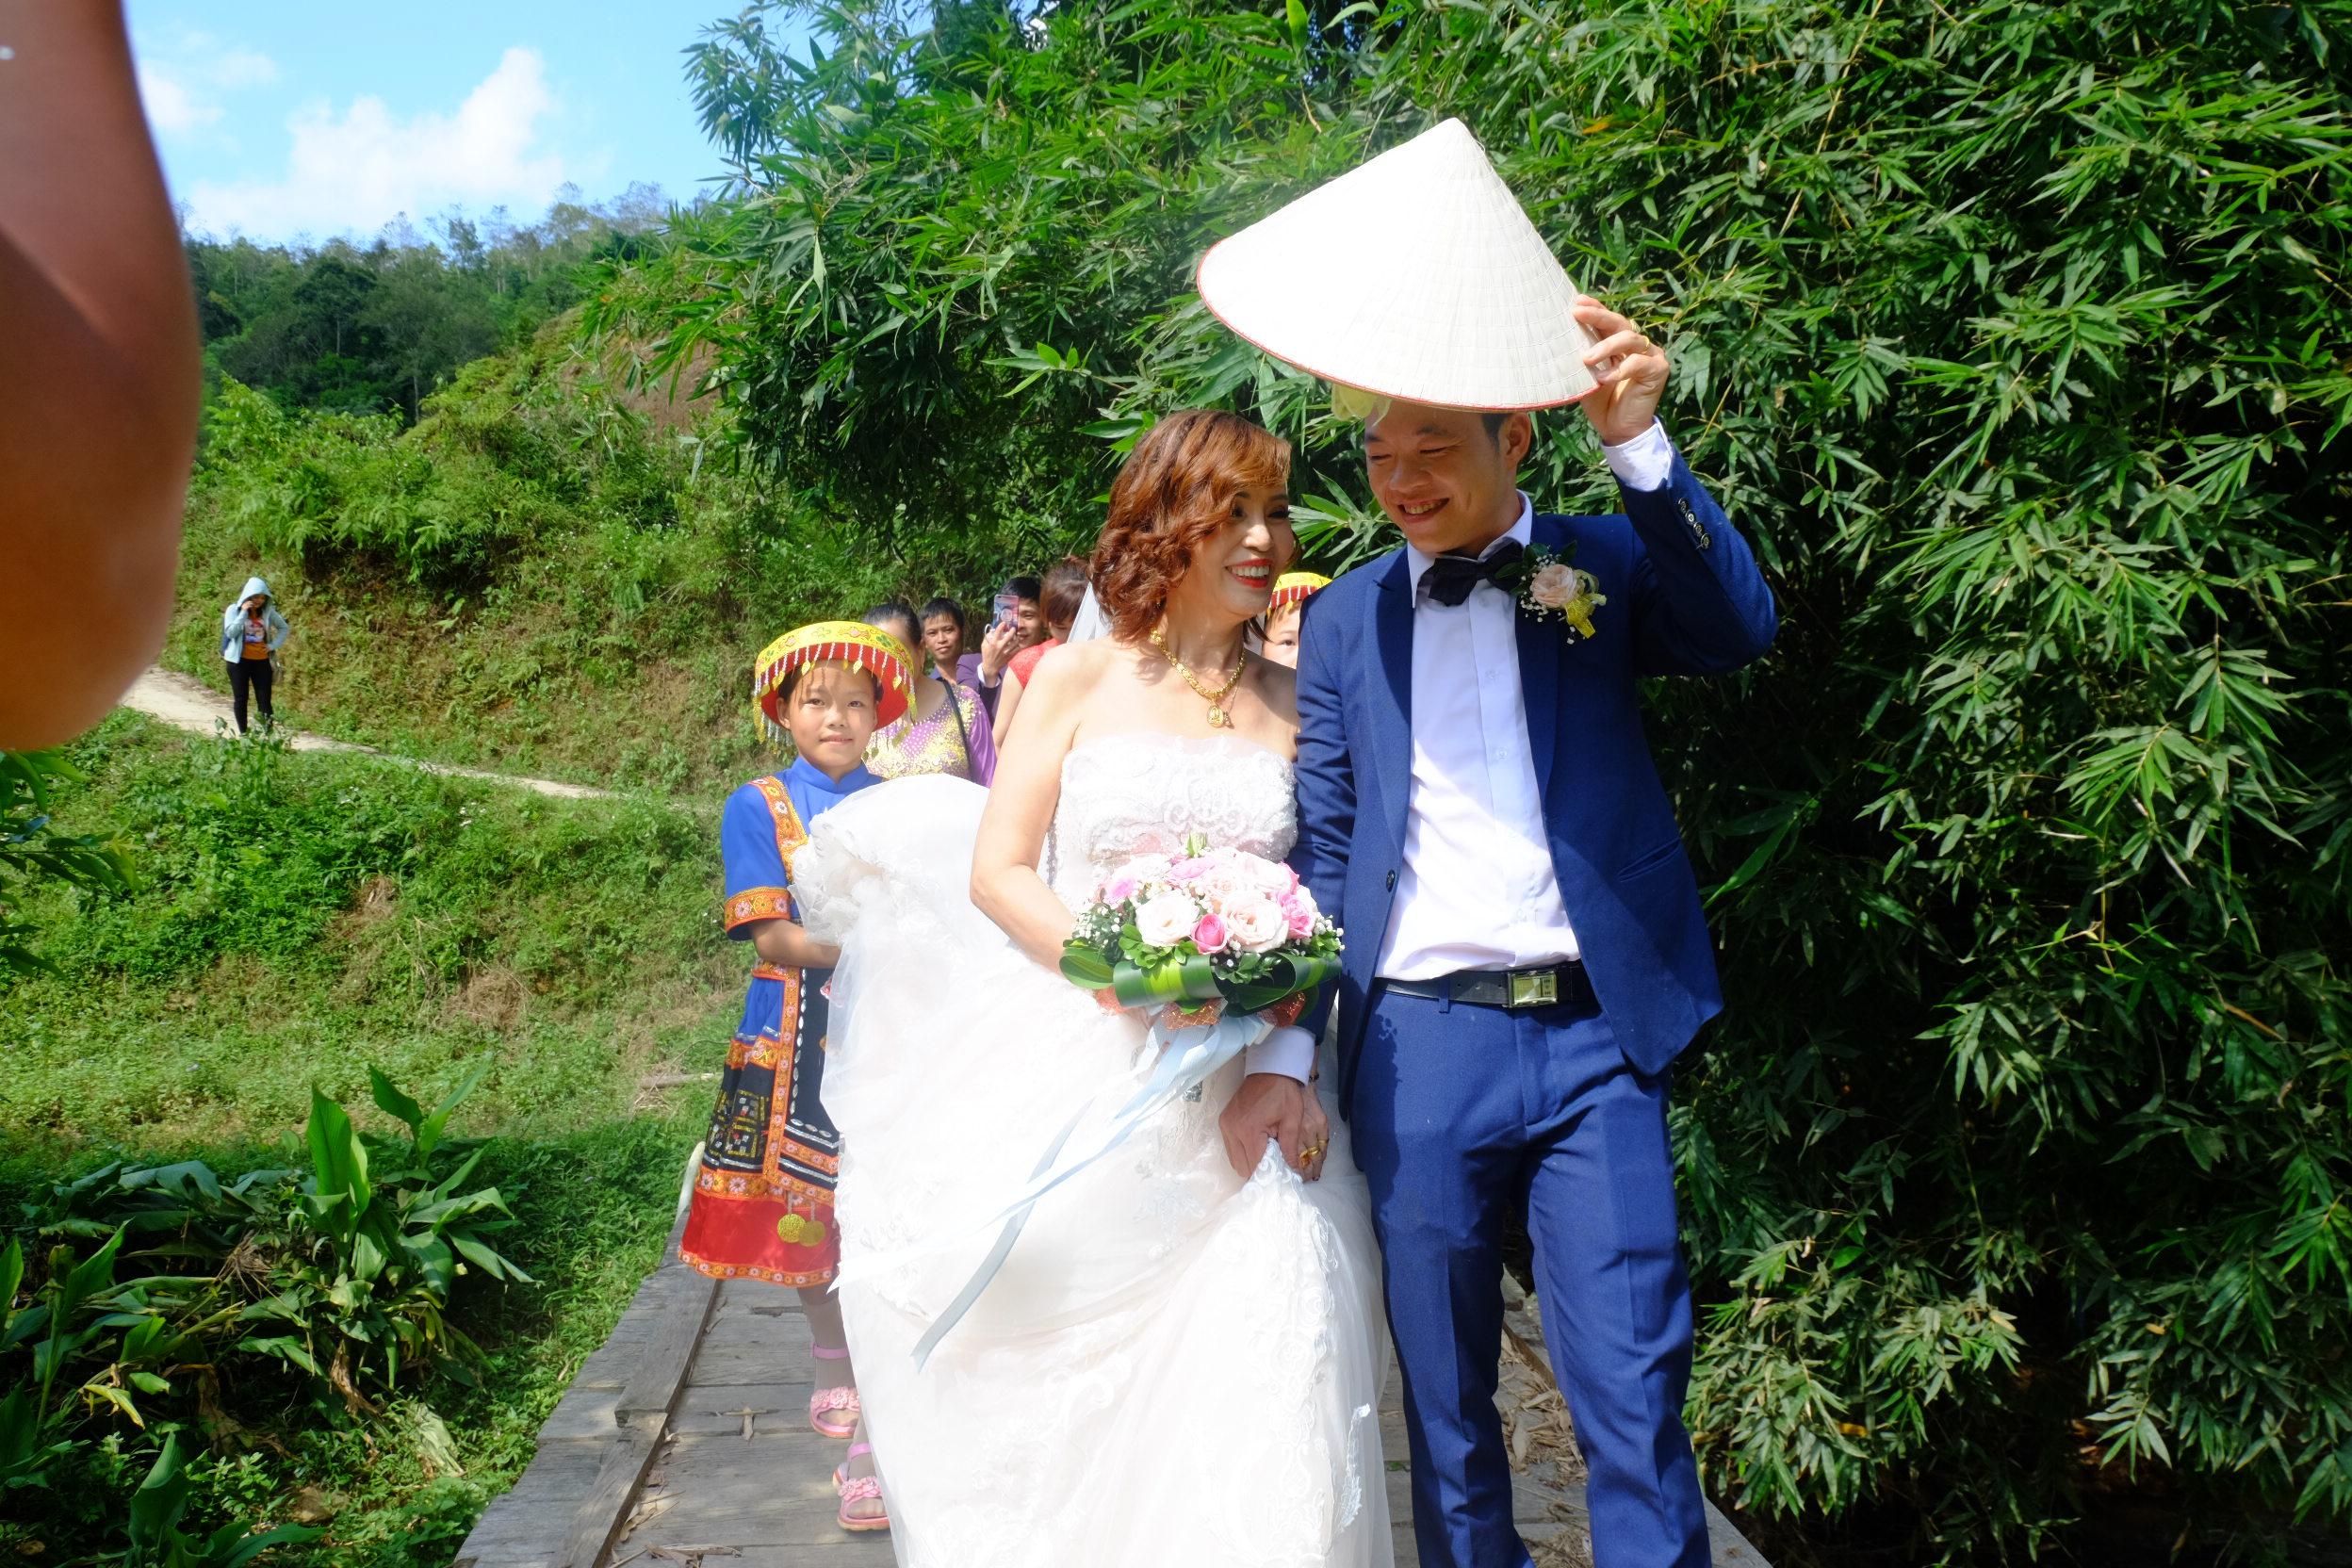 Dọc con đường dốc chú rể Hoa Cương đã nắm chặt tay người thương của mình để về nhà